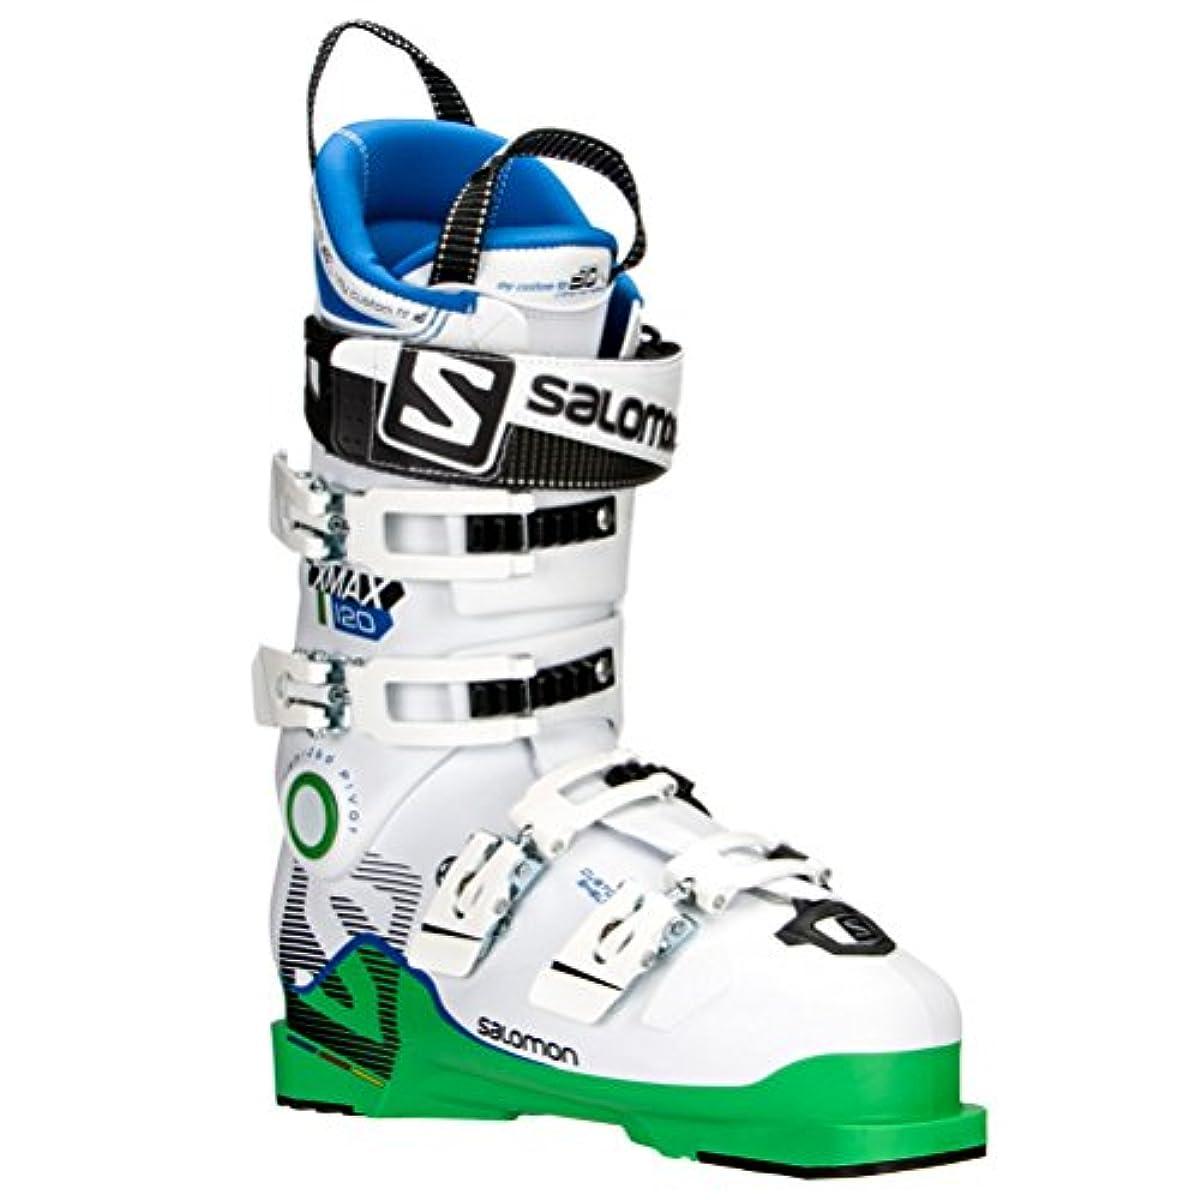 [해외] SALOMON살로몬X MAX 120 스키화 어른용 레이서 엑스퍼트용 L37812800 GREENWHITE